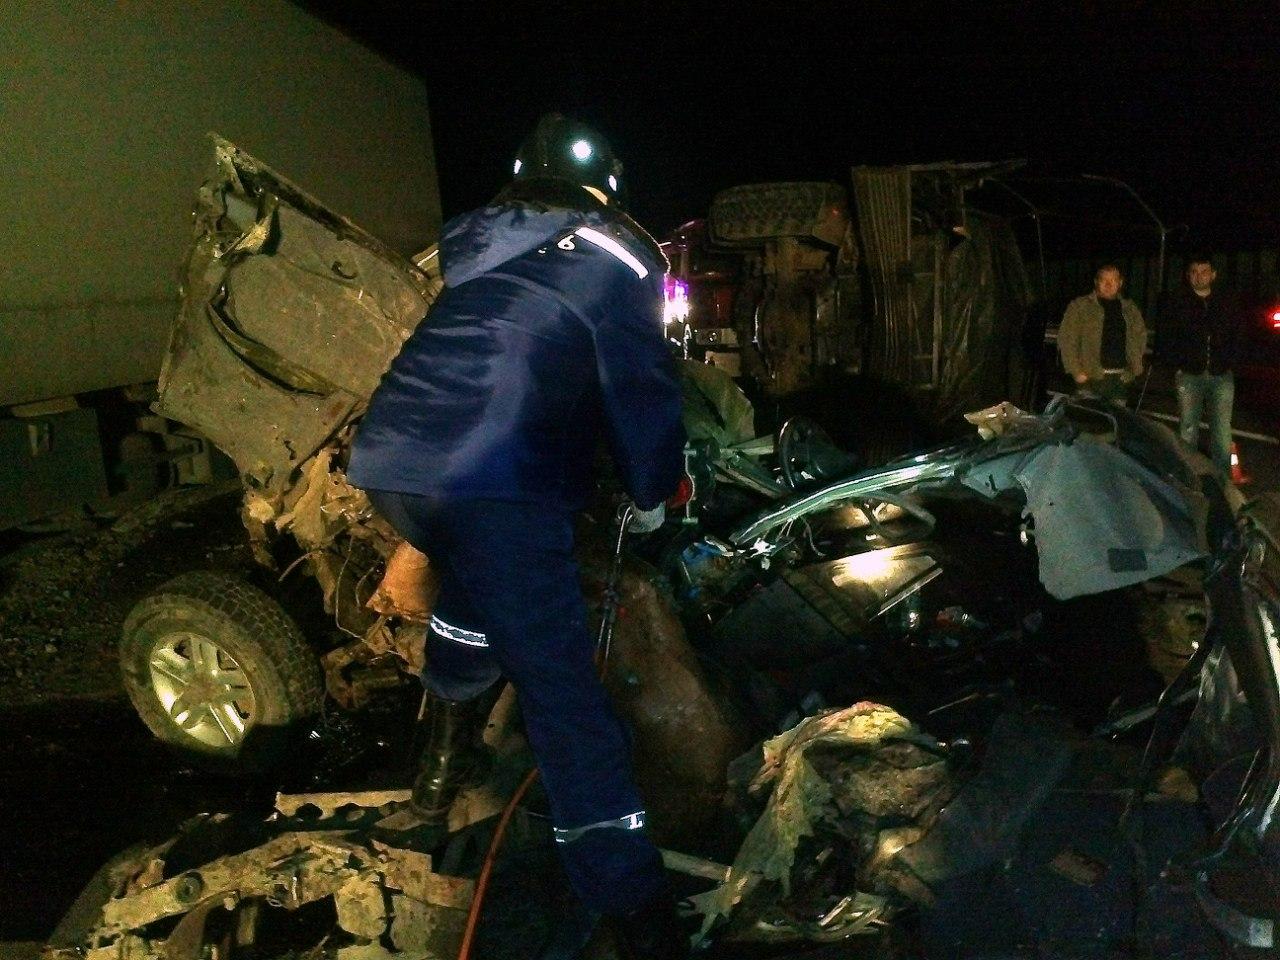 Жуткое ДТП на донской трассе: фура смяла военный «УРАЛ» и «УАЗ», погибли пятеро контрактников. 18+